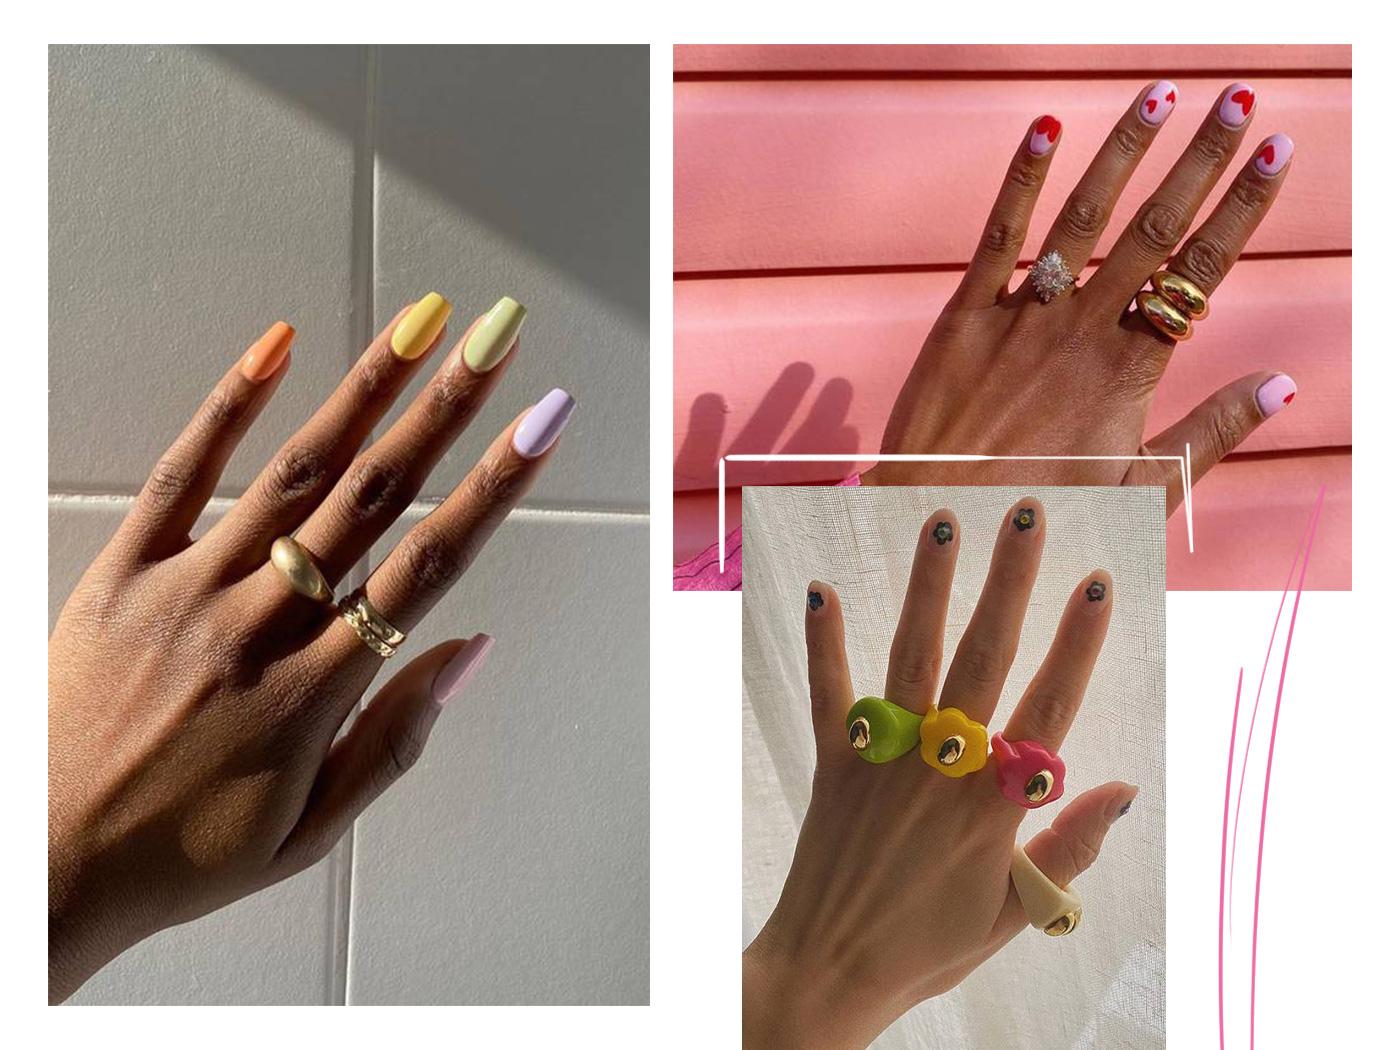 Μανικιούρ και δαχτυλίδια: δέκα τέλειοι συνδυασμοί για να πάρεις έμπνευση